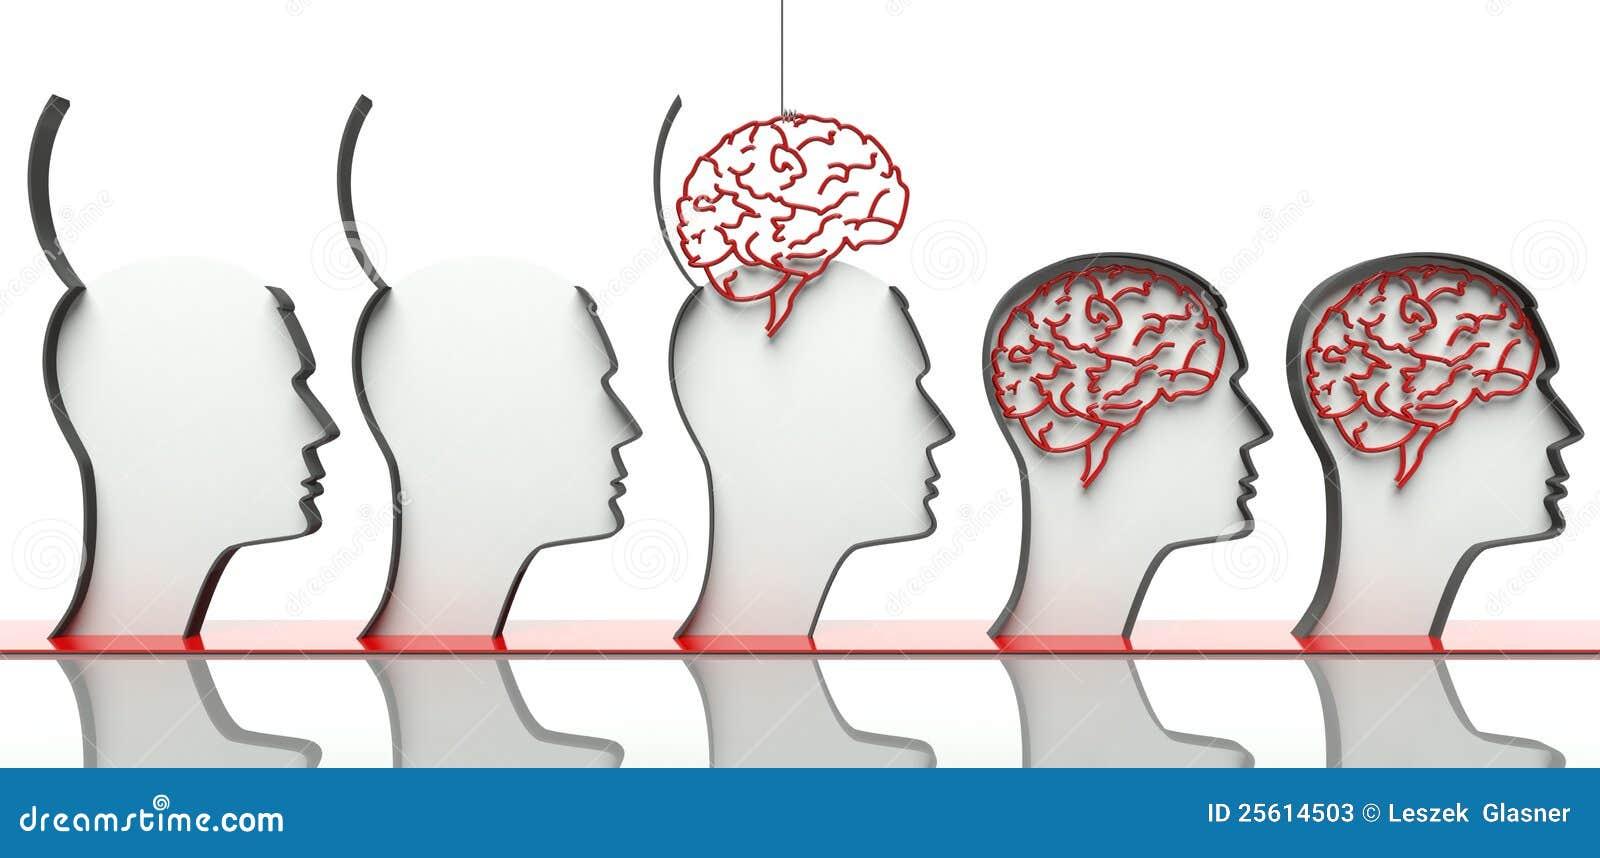 Inserción de cerebros en pistas, concepto de inteligencia